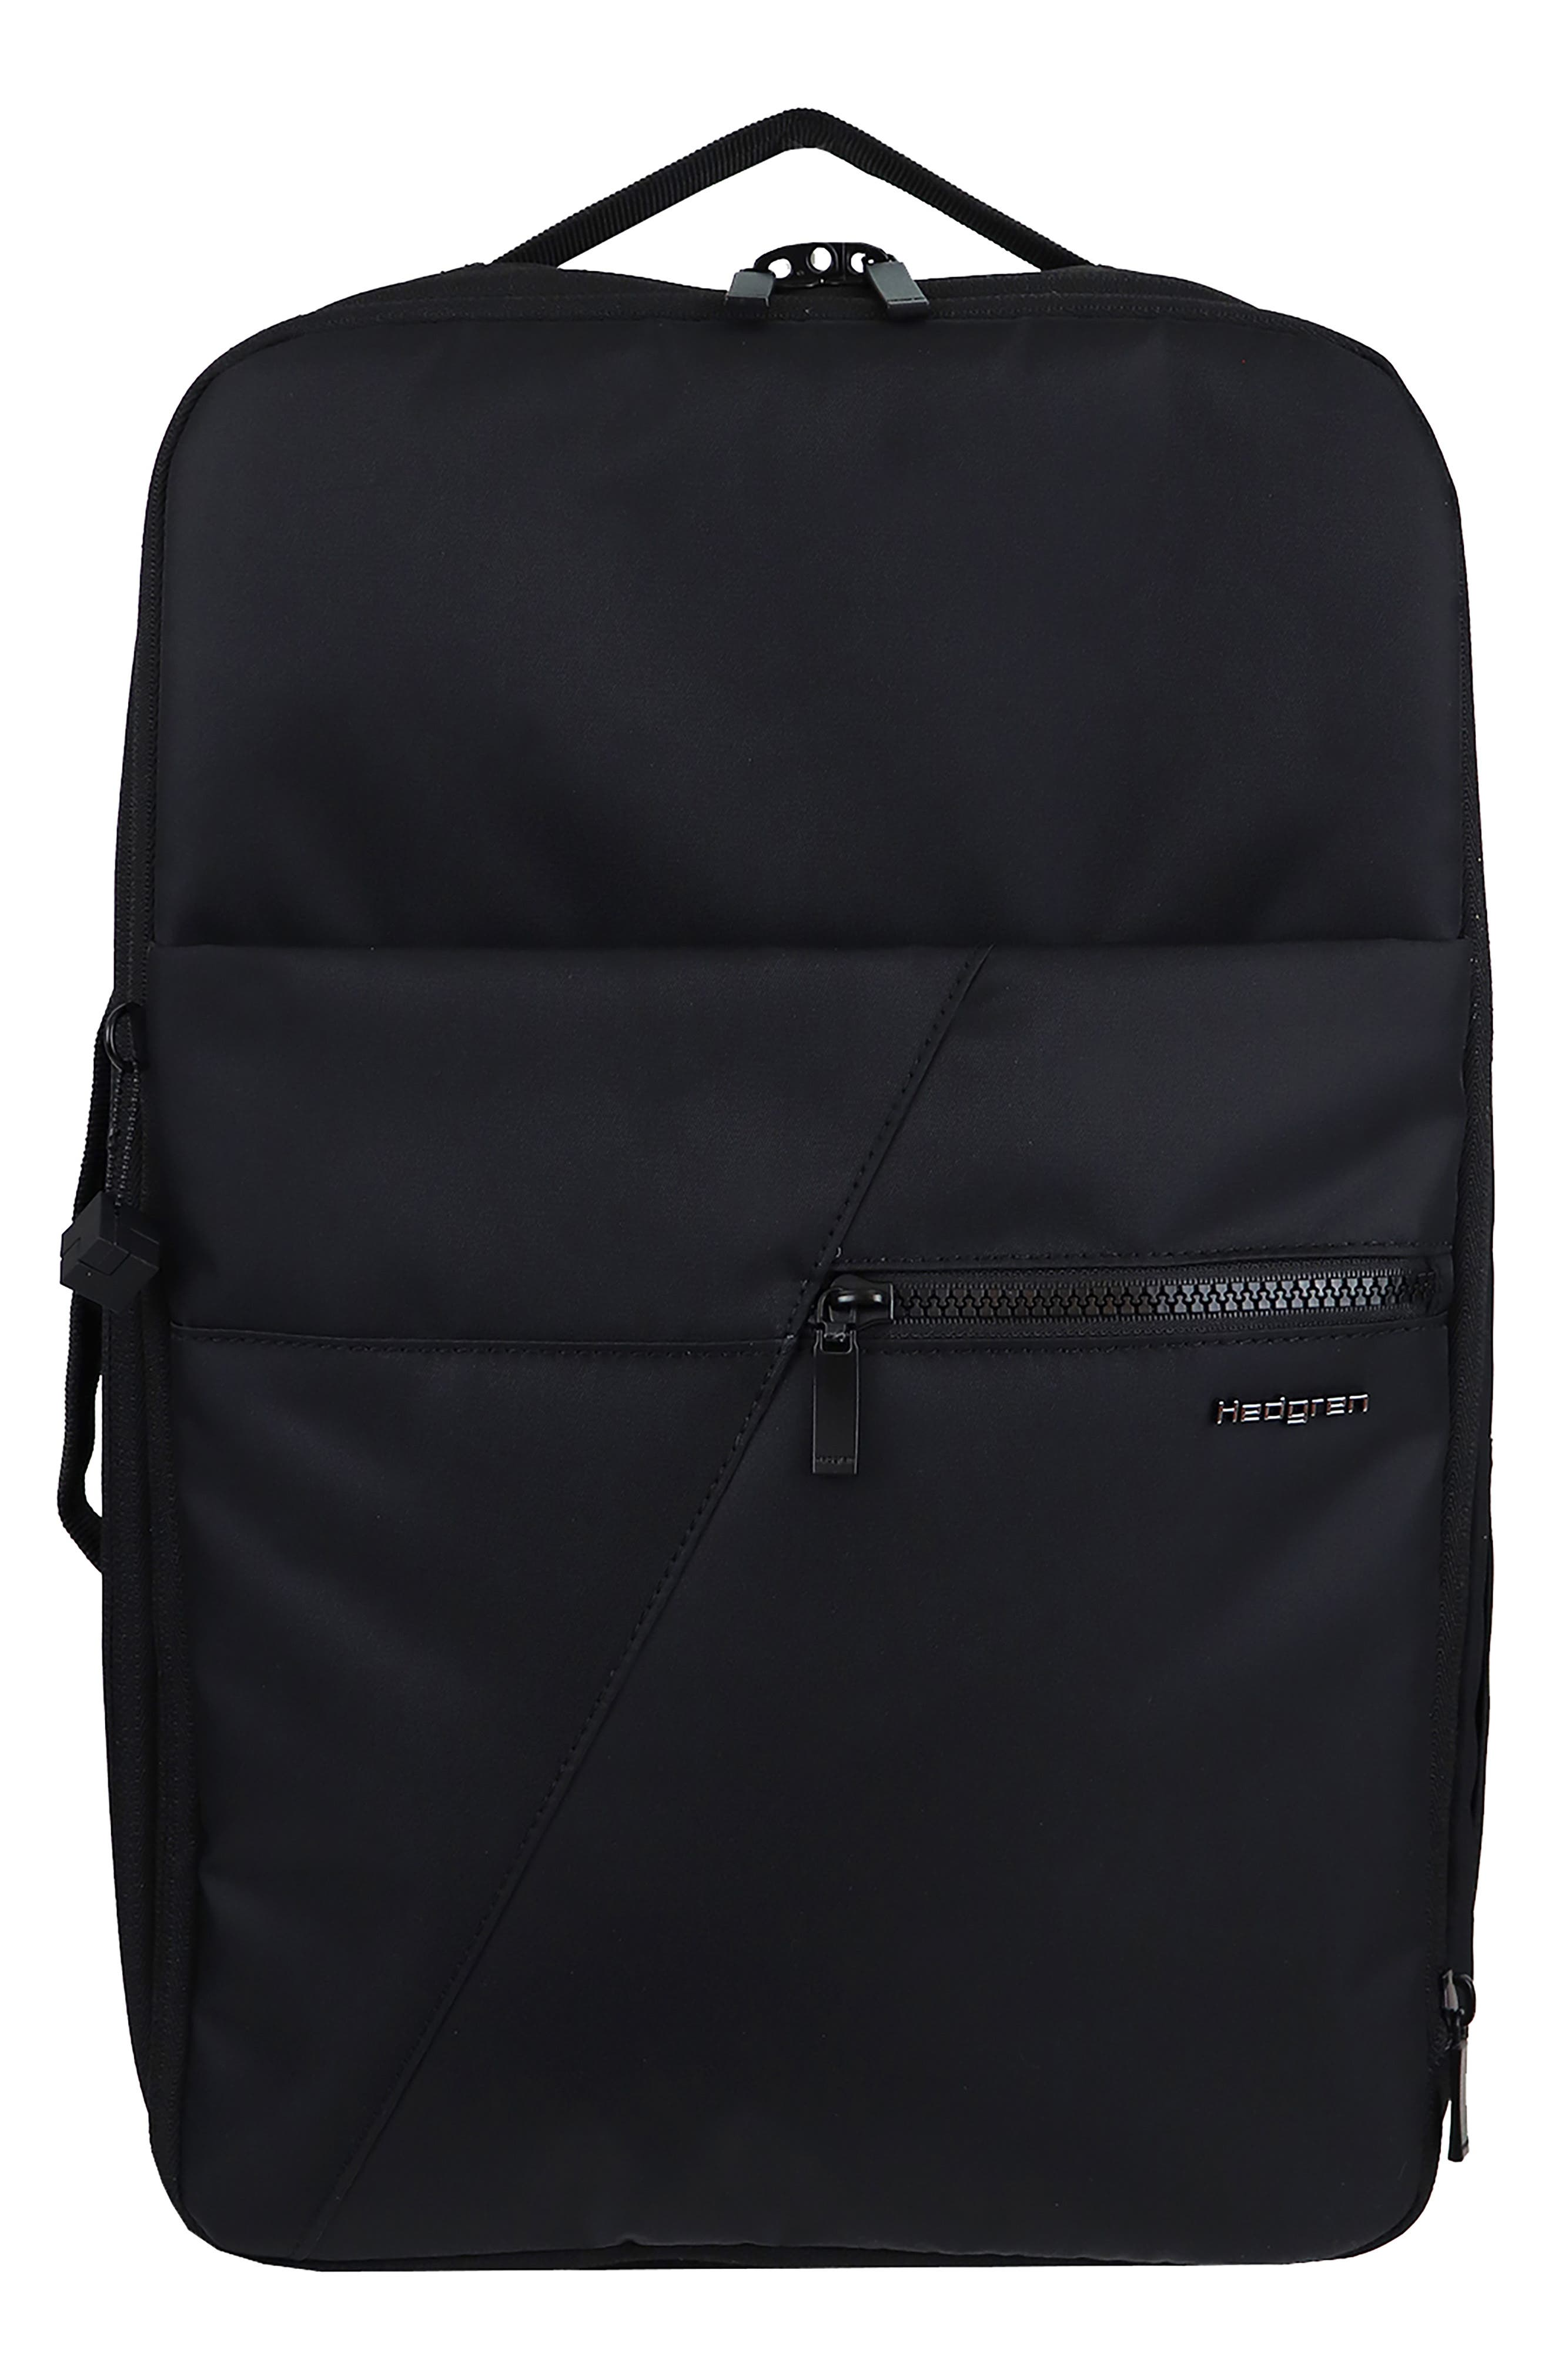 Voyage Zenith Water Repellent Backpack